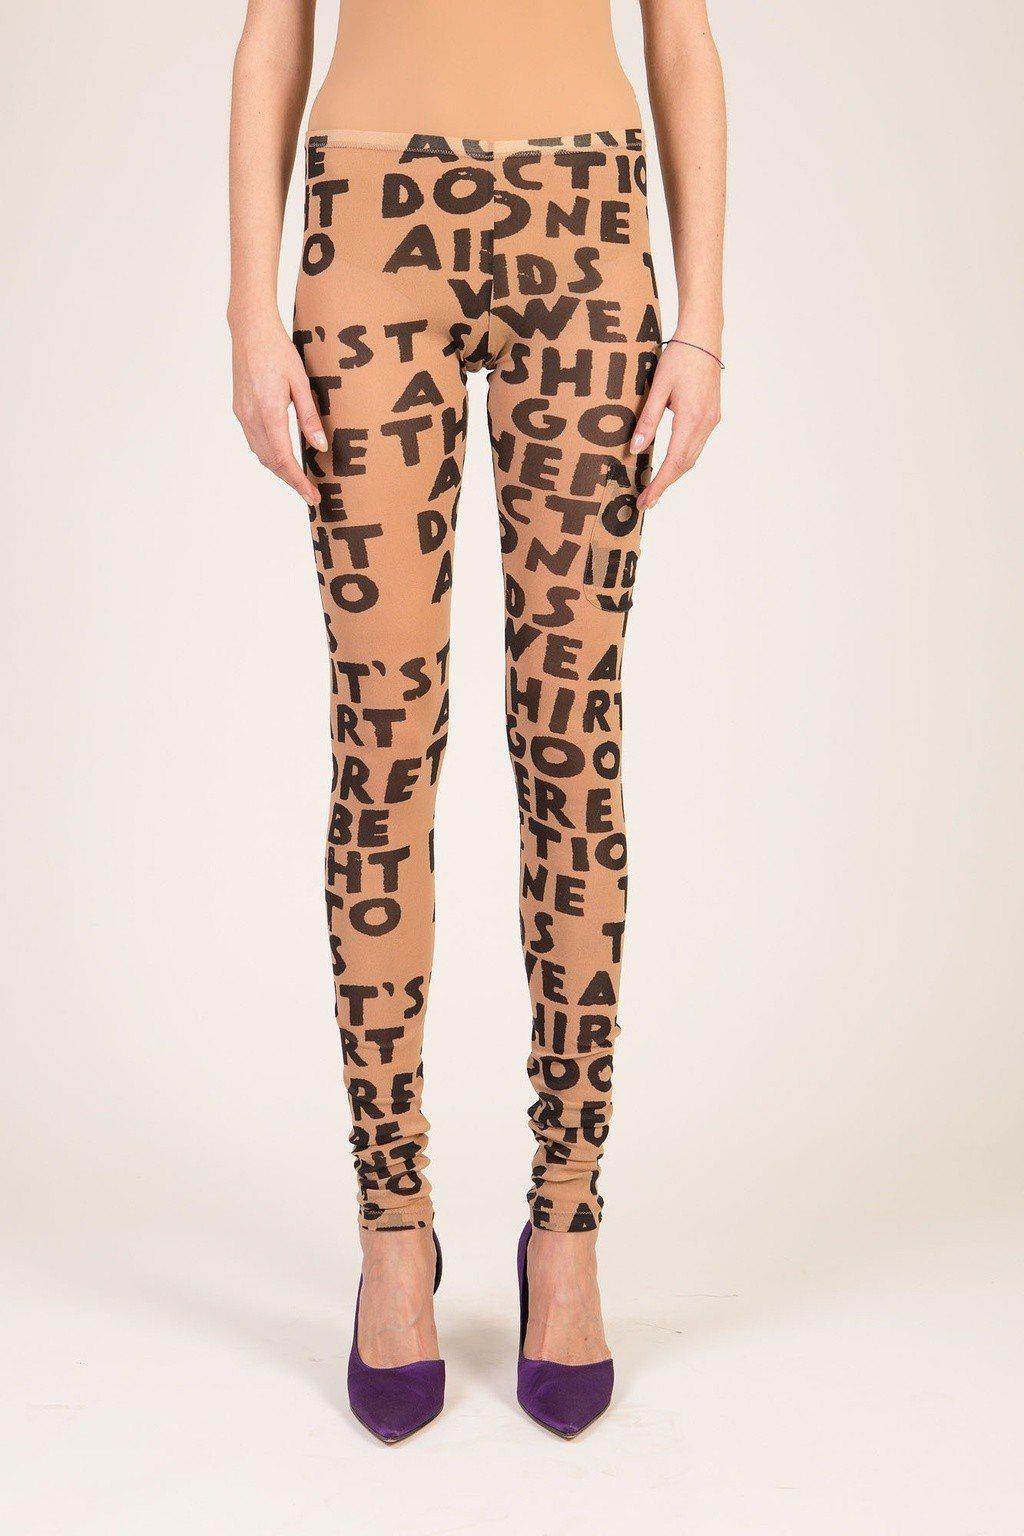 MM6對抗愛滋標語緊身內搭褲,售價9,580元。圖/MM6提供